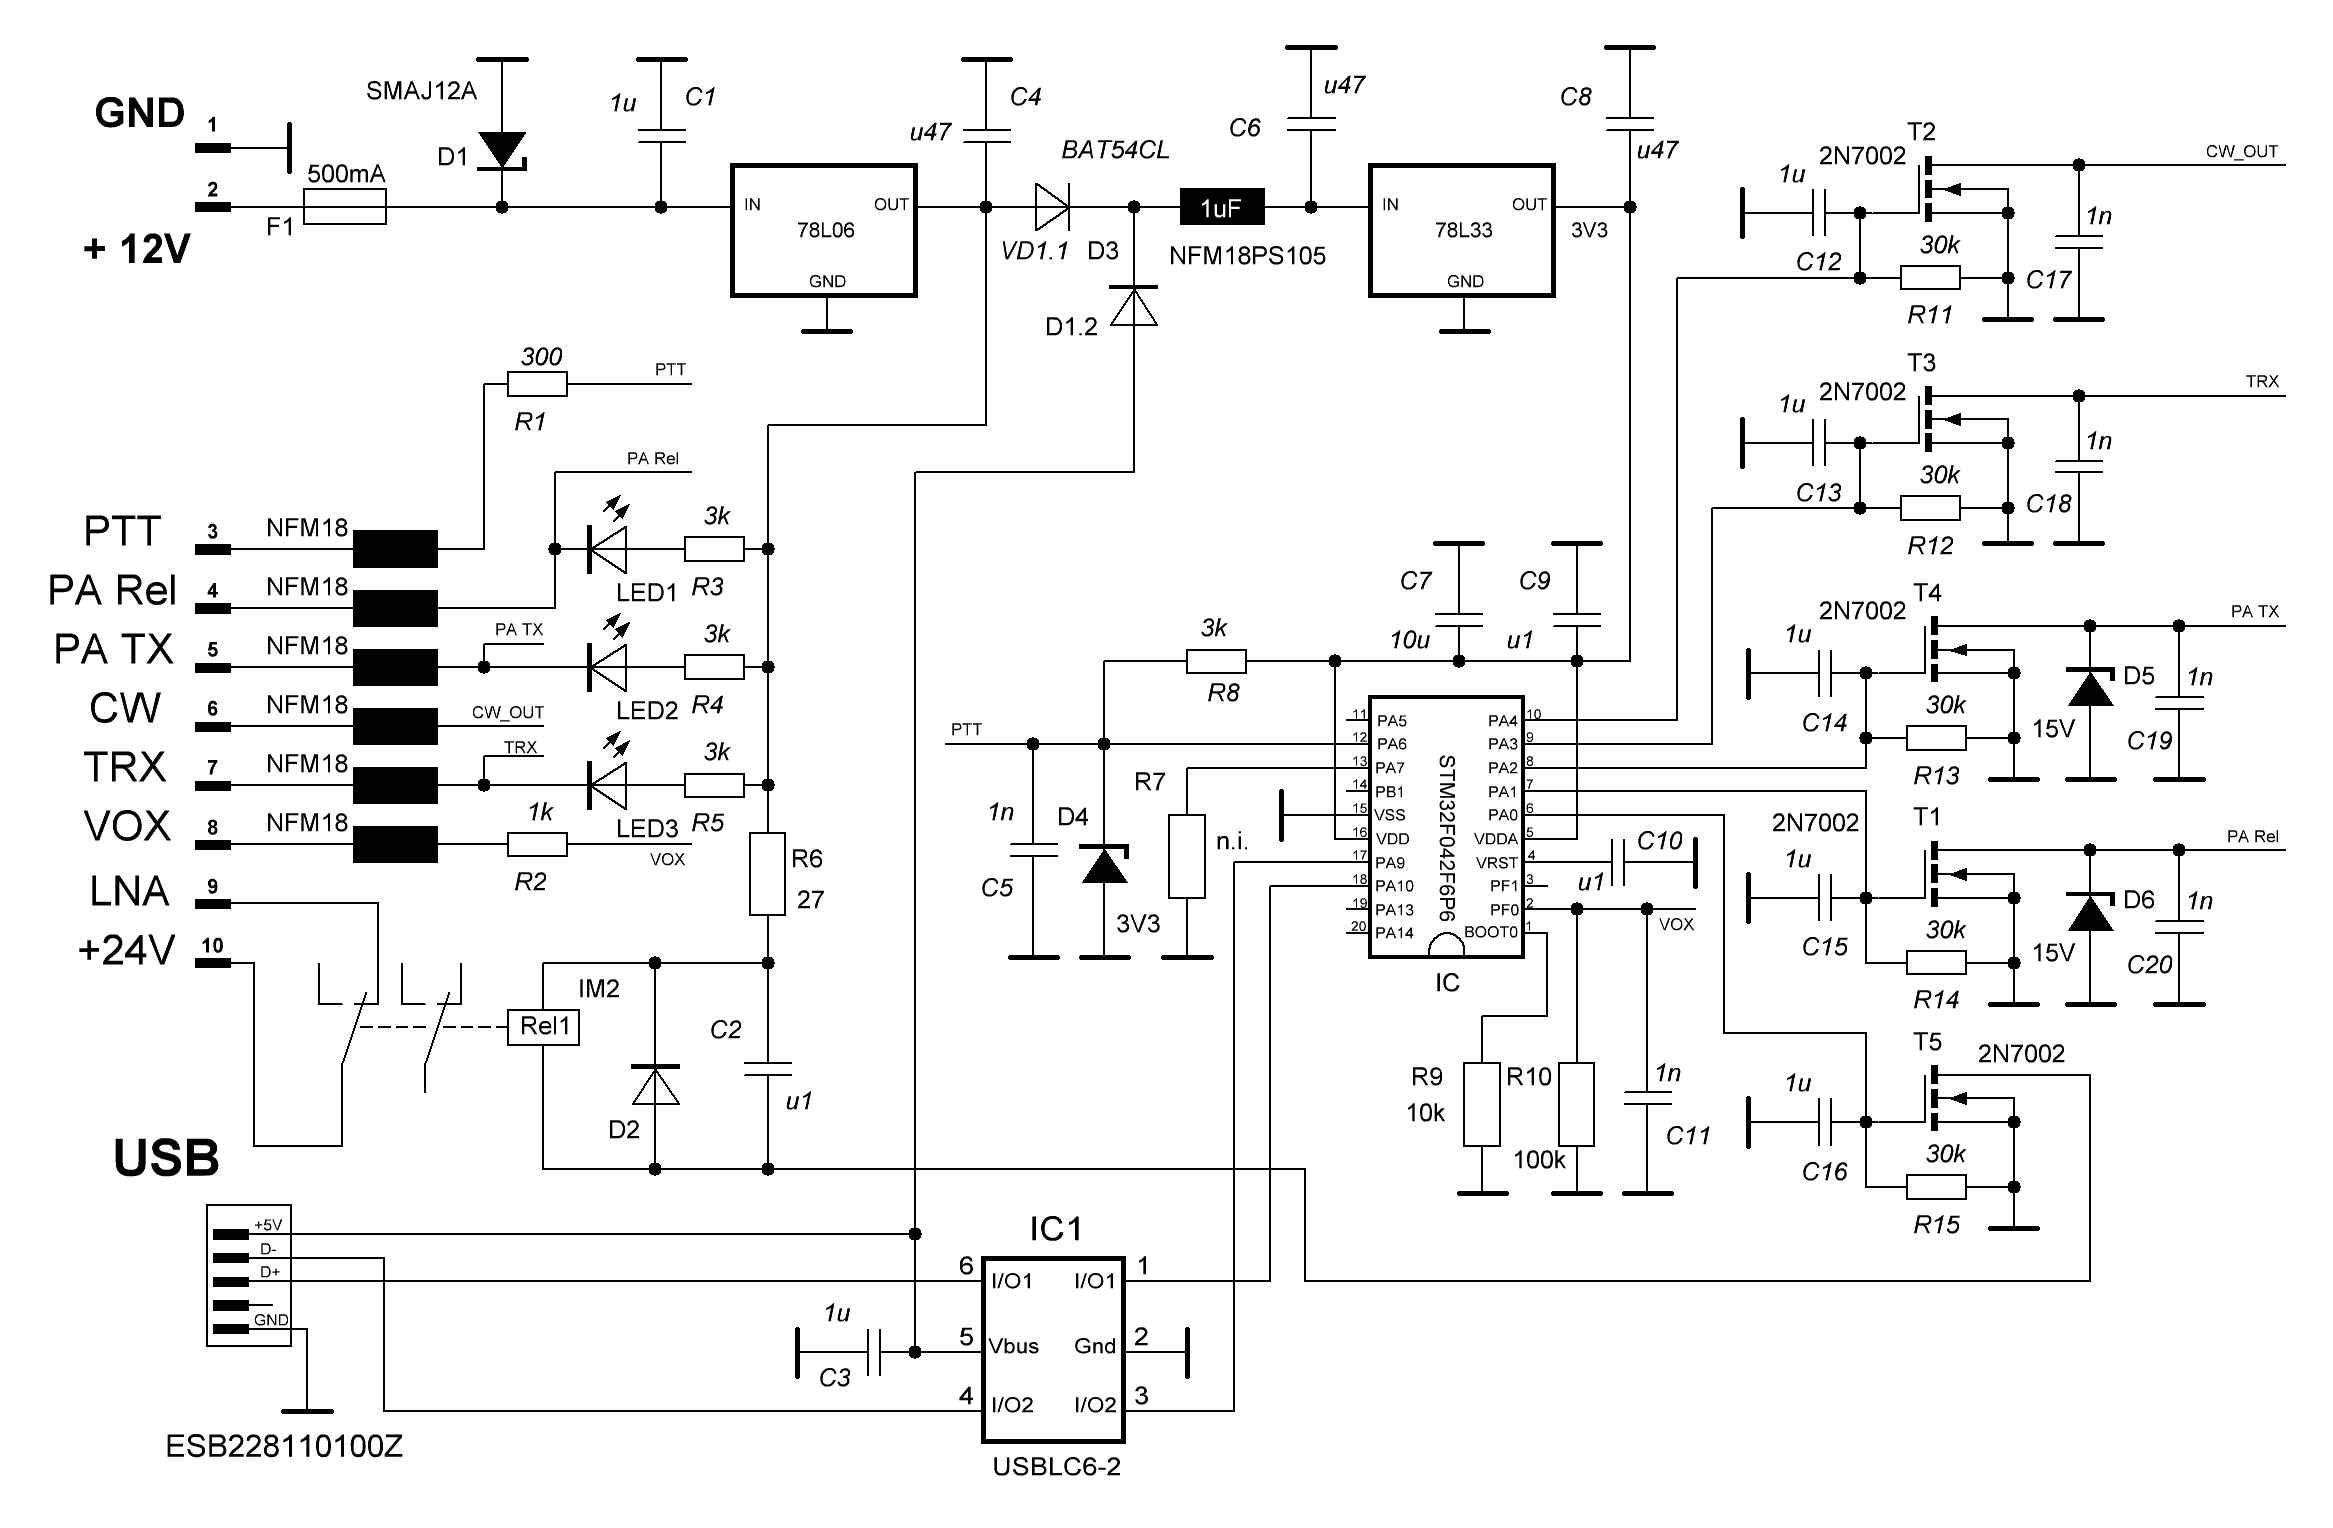 Sequencer with USB port schematics